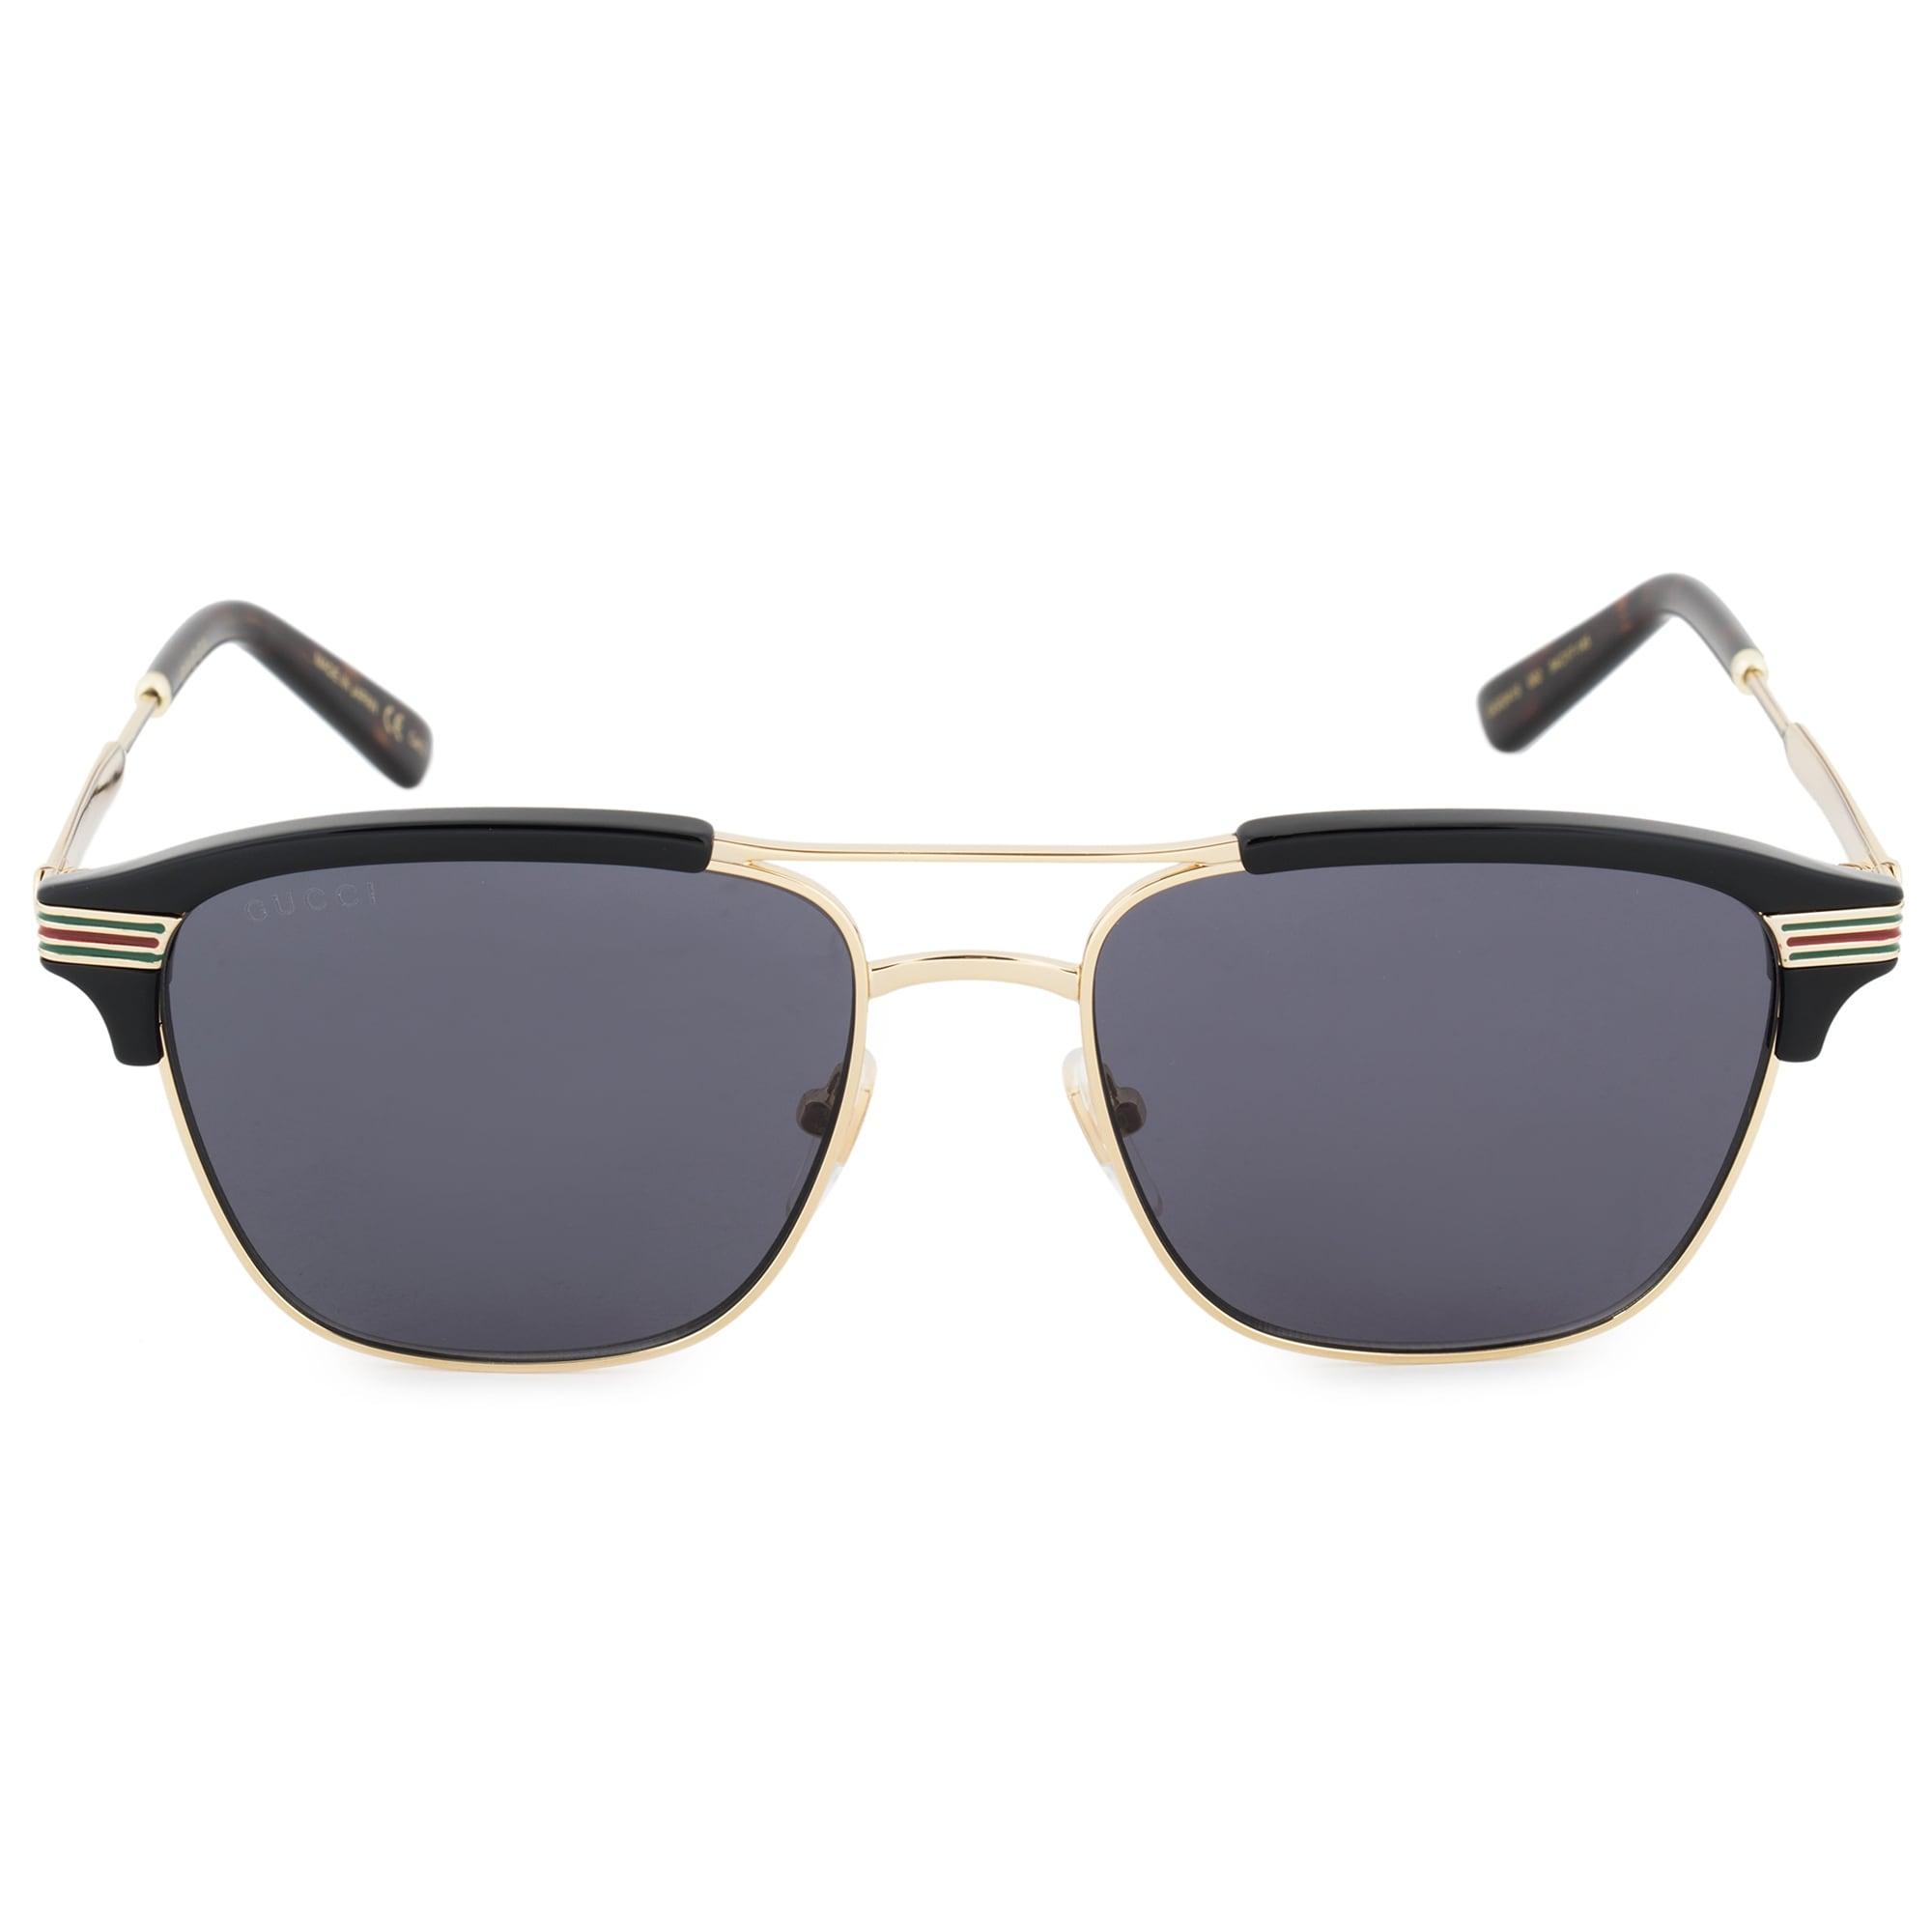 6108ae38b1186 Gucci Sunglasses